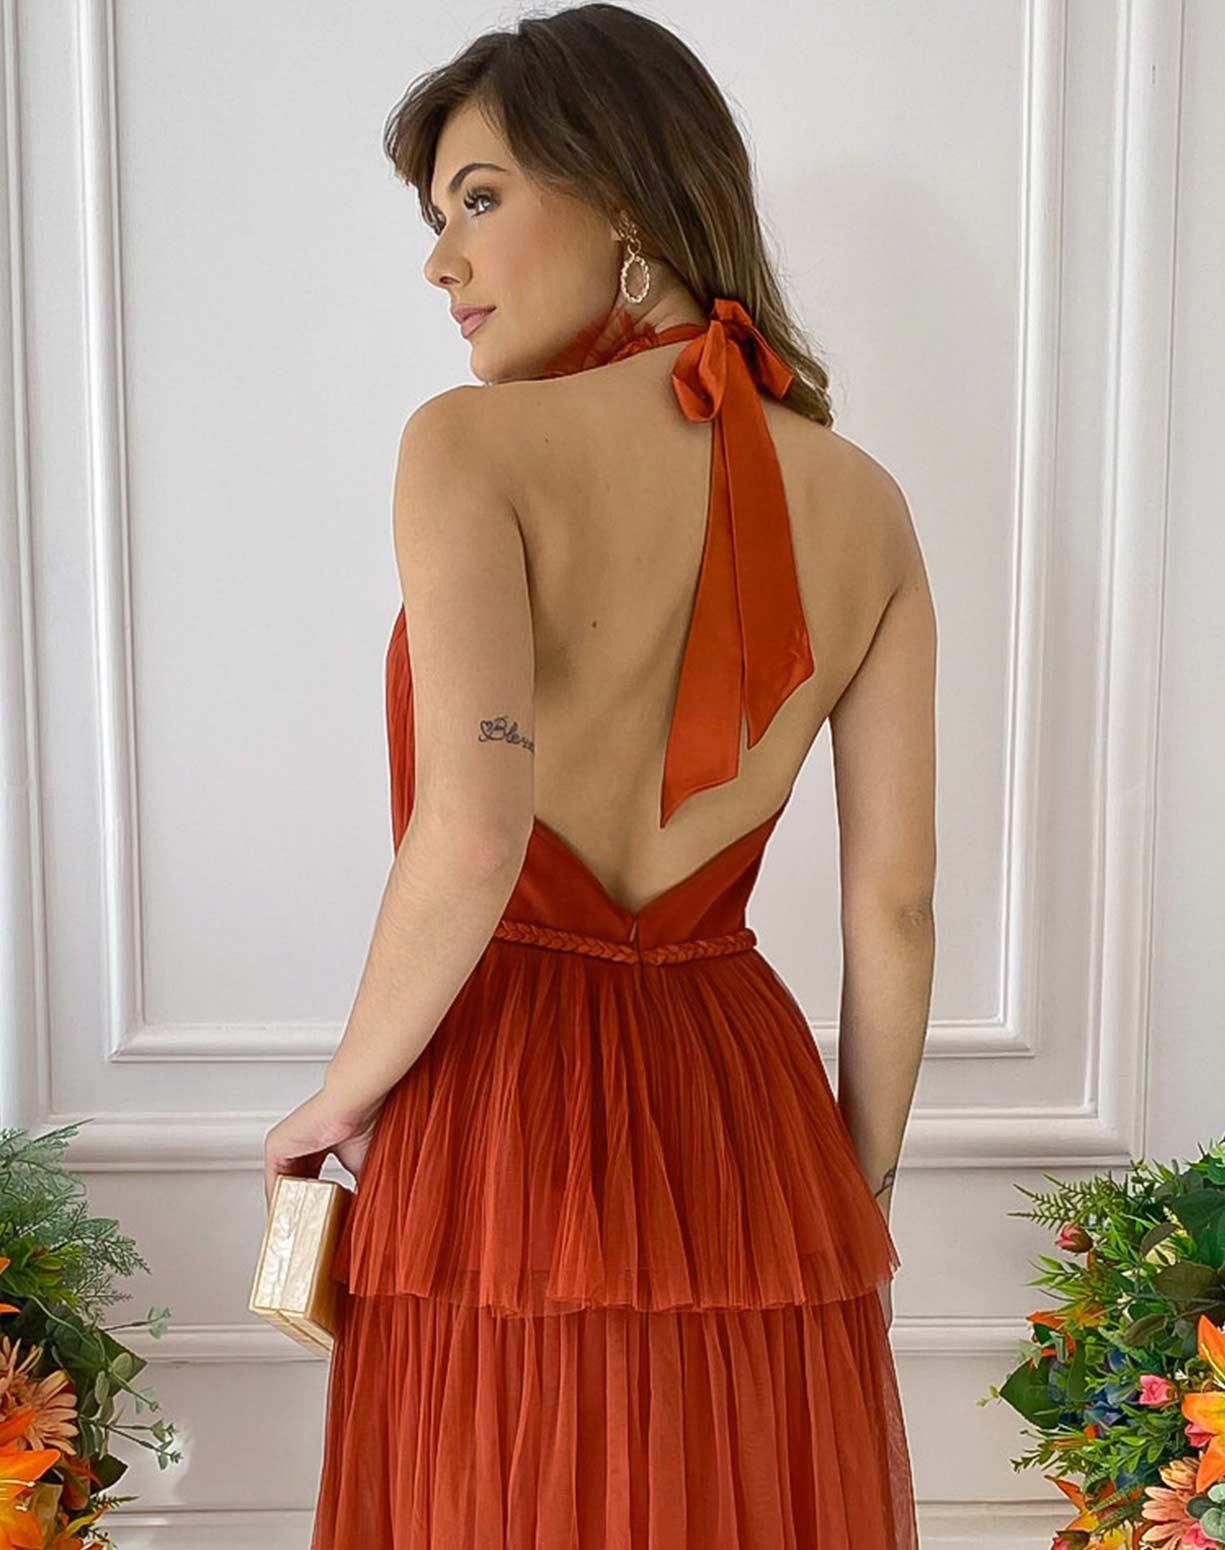 Vestido Frente Única Terracota com Detalhes em Macrame Acetinado